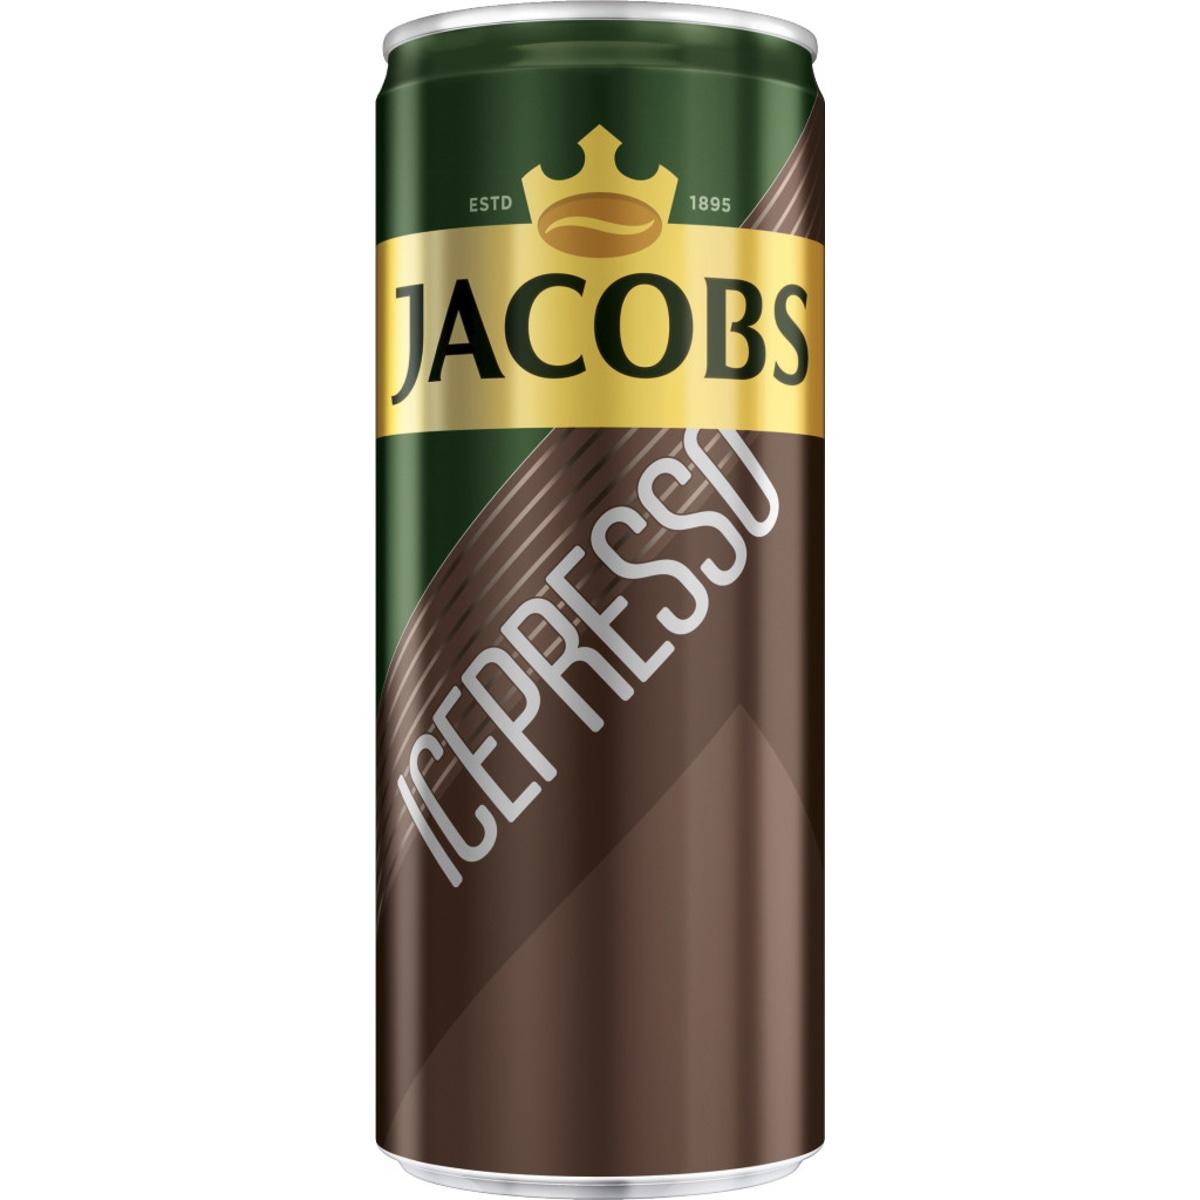 Jacobs Icepresso Classic